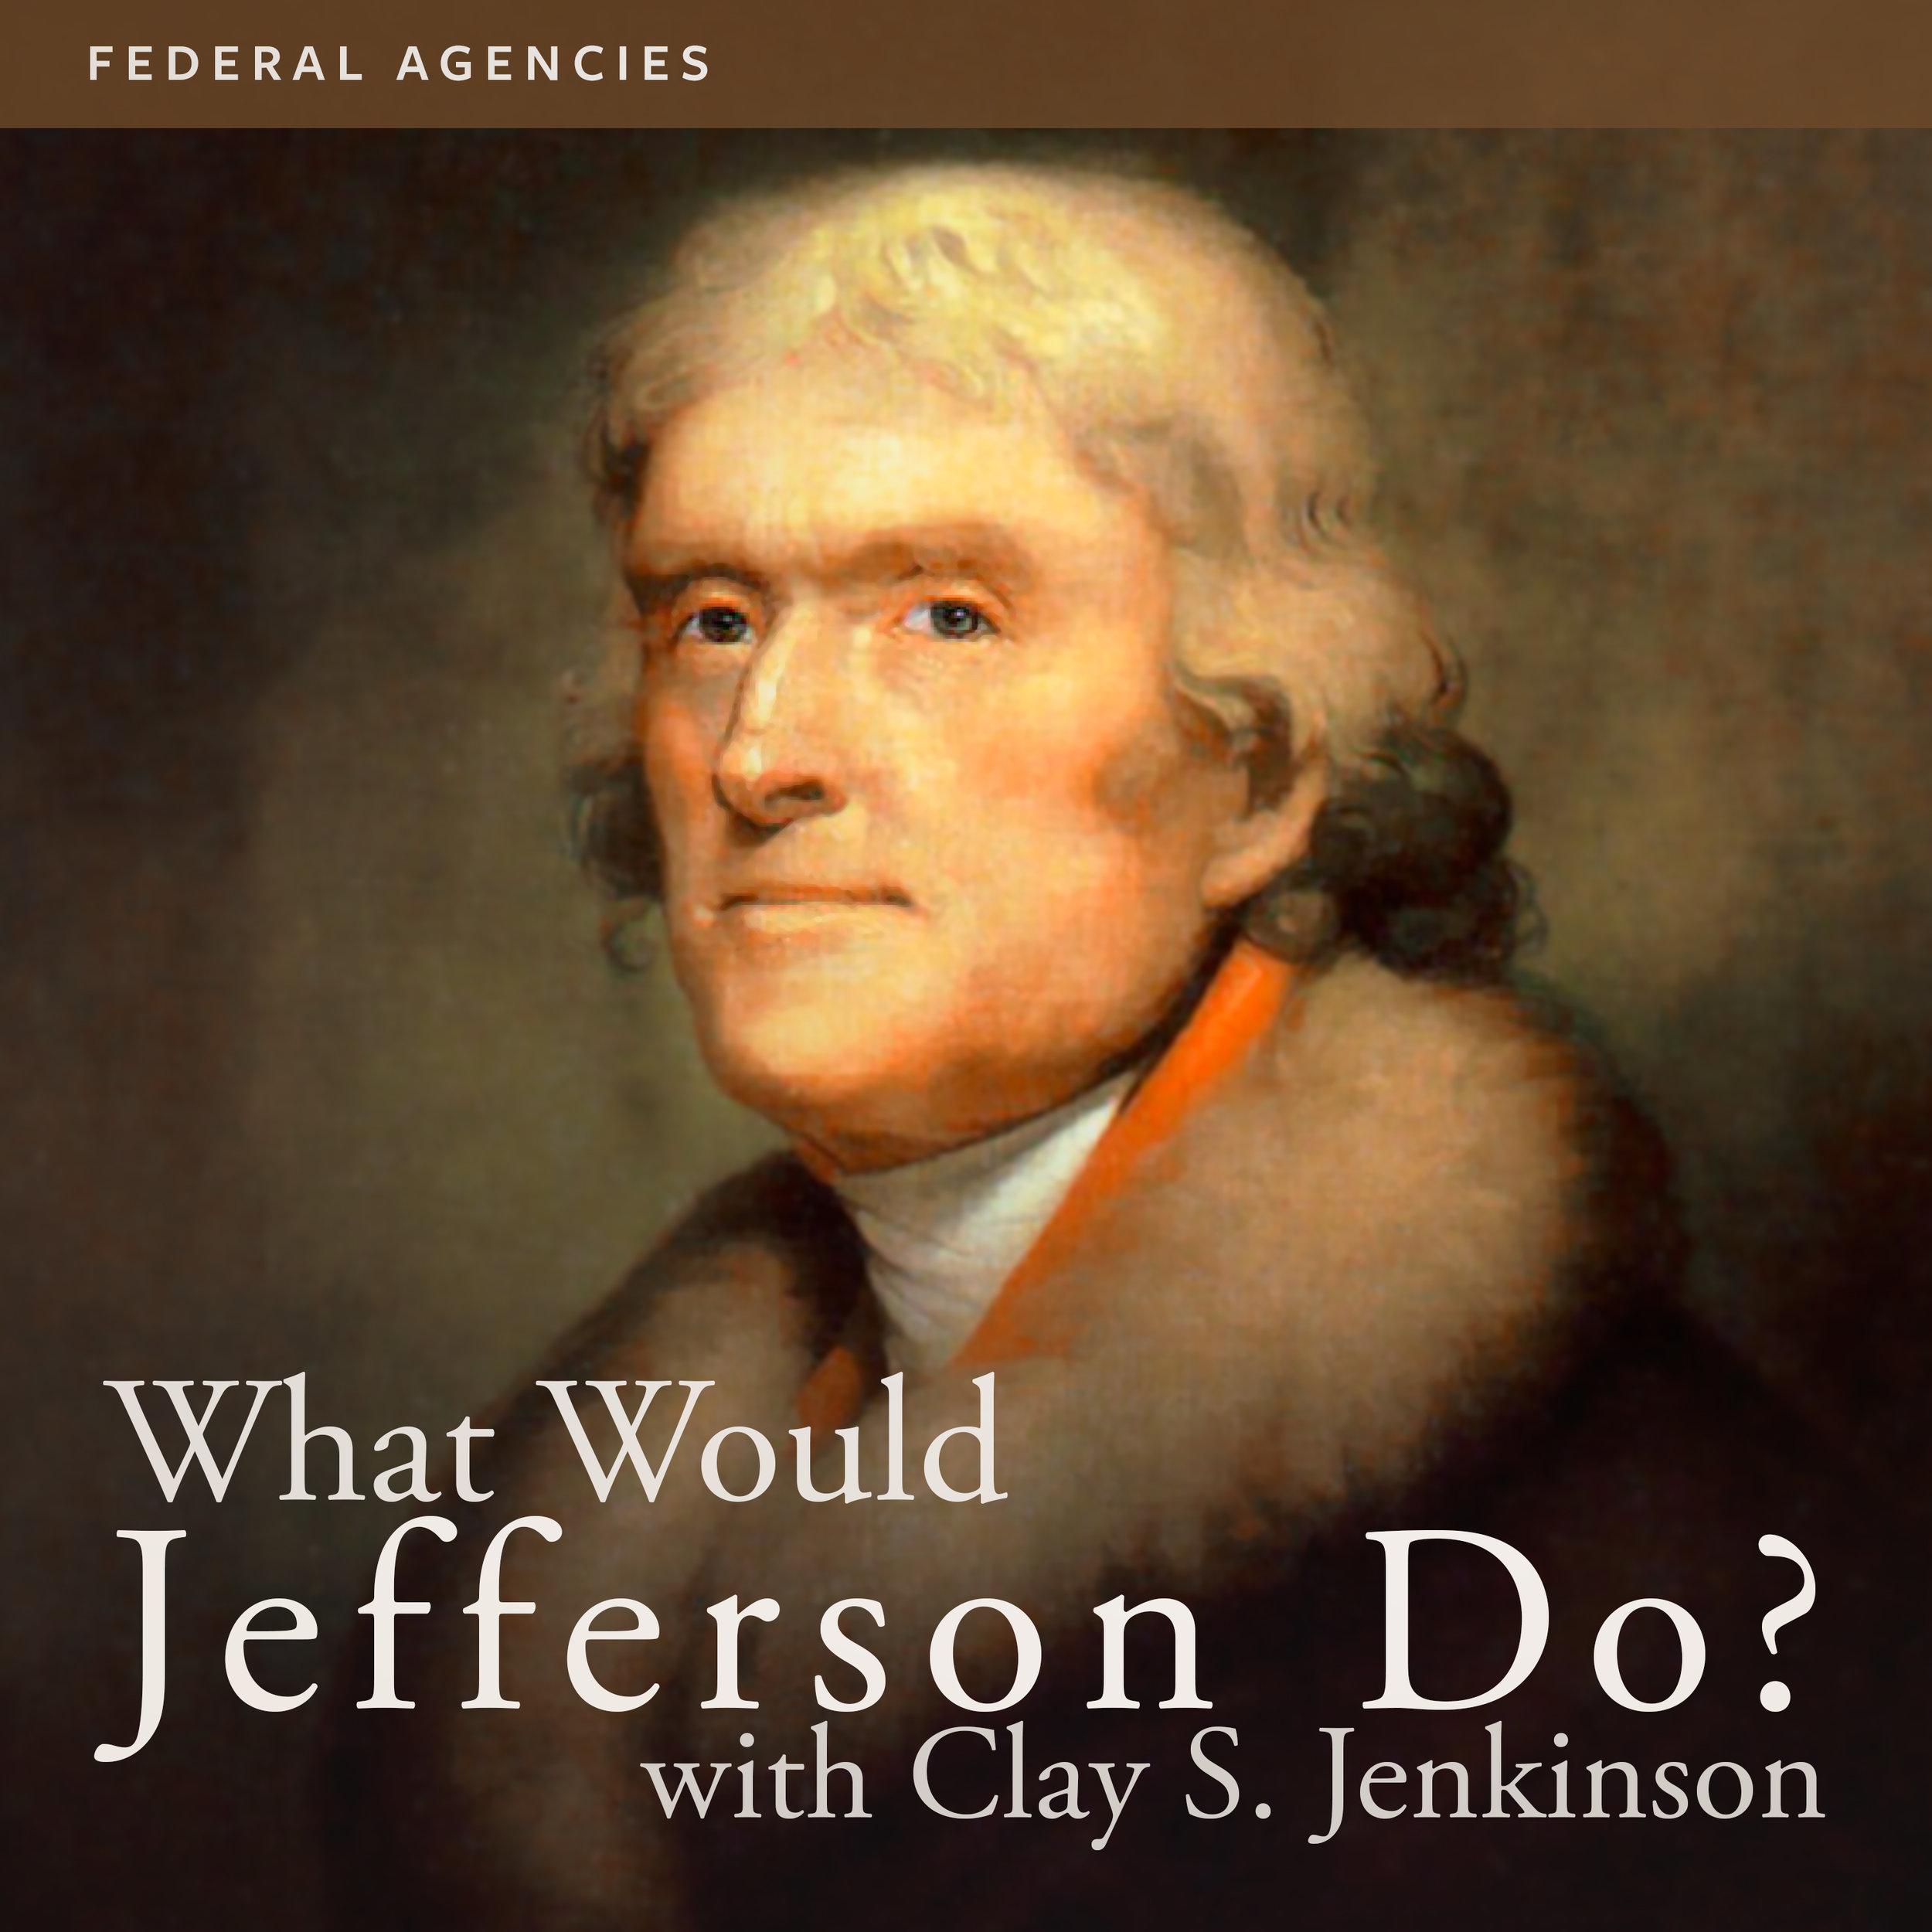 WWTJD_1267 Federal Agencies.jpg